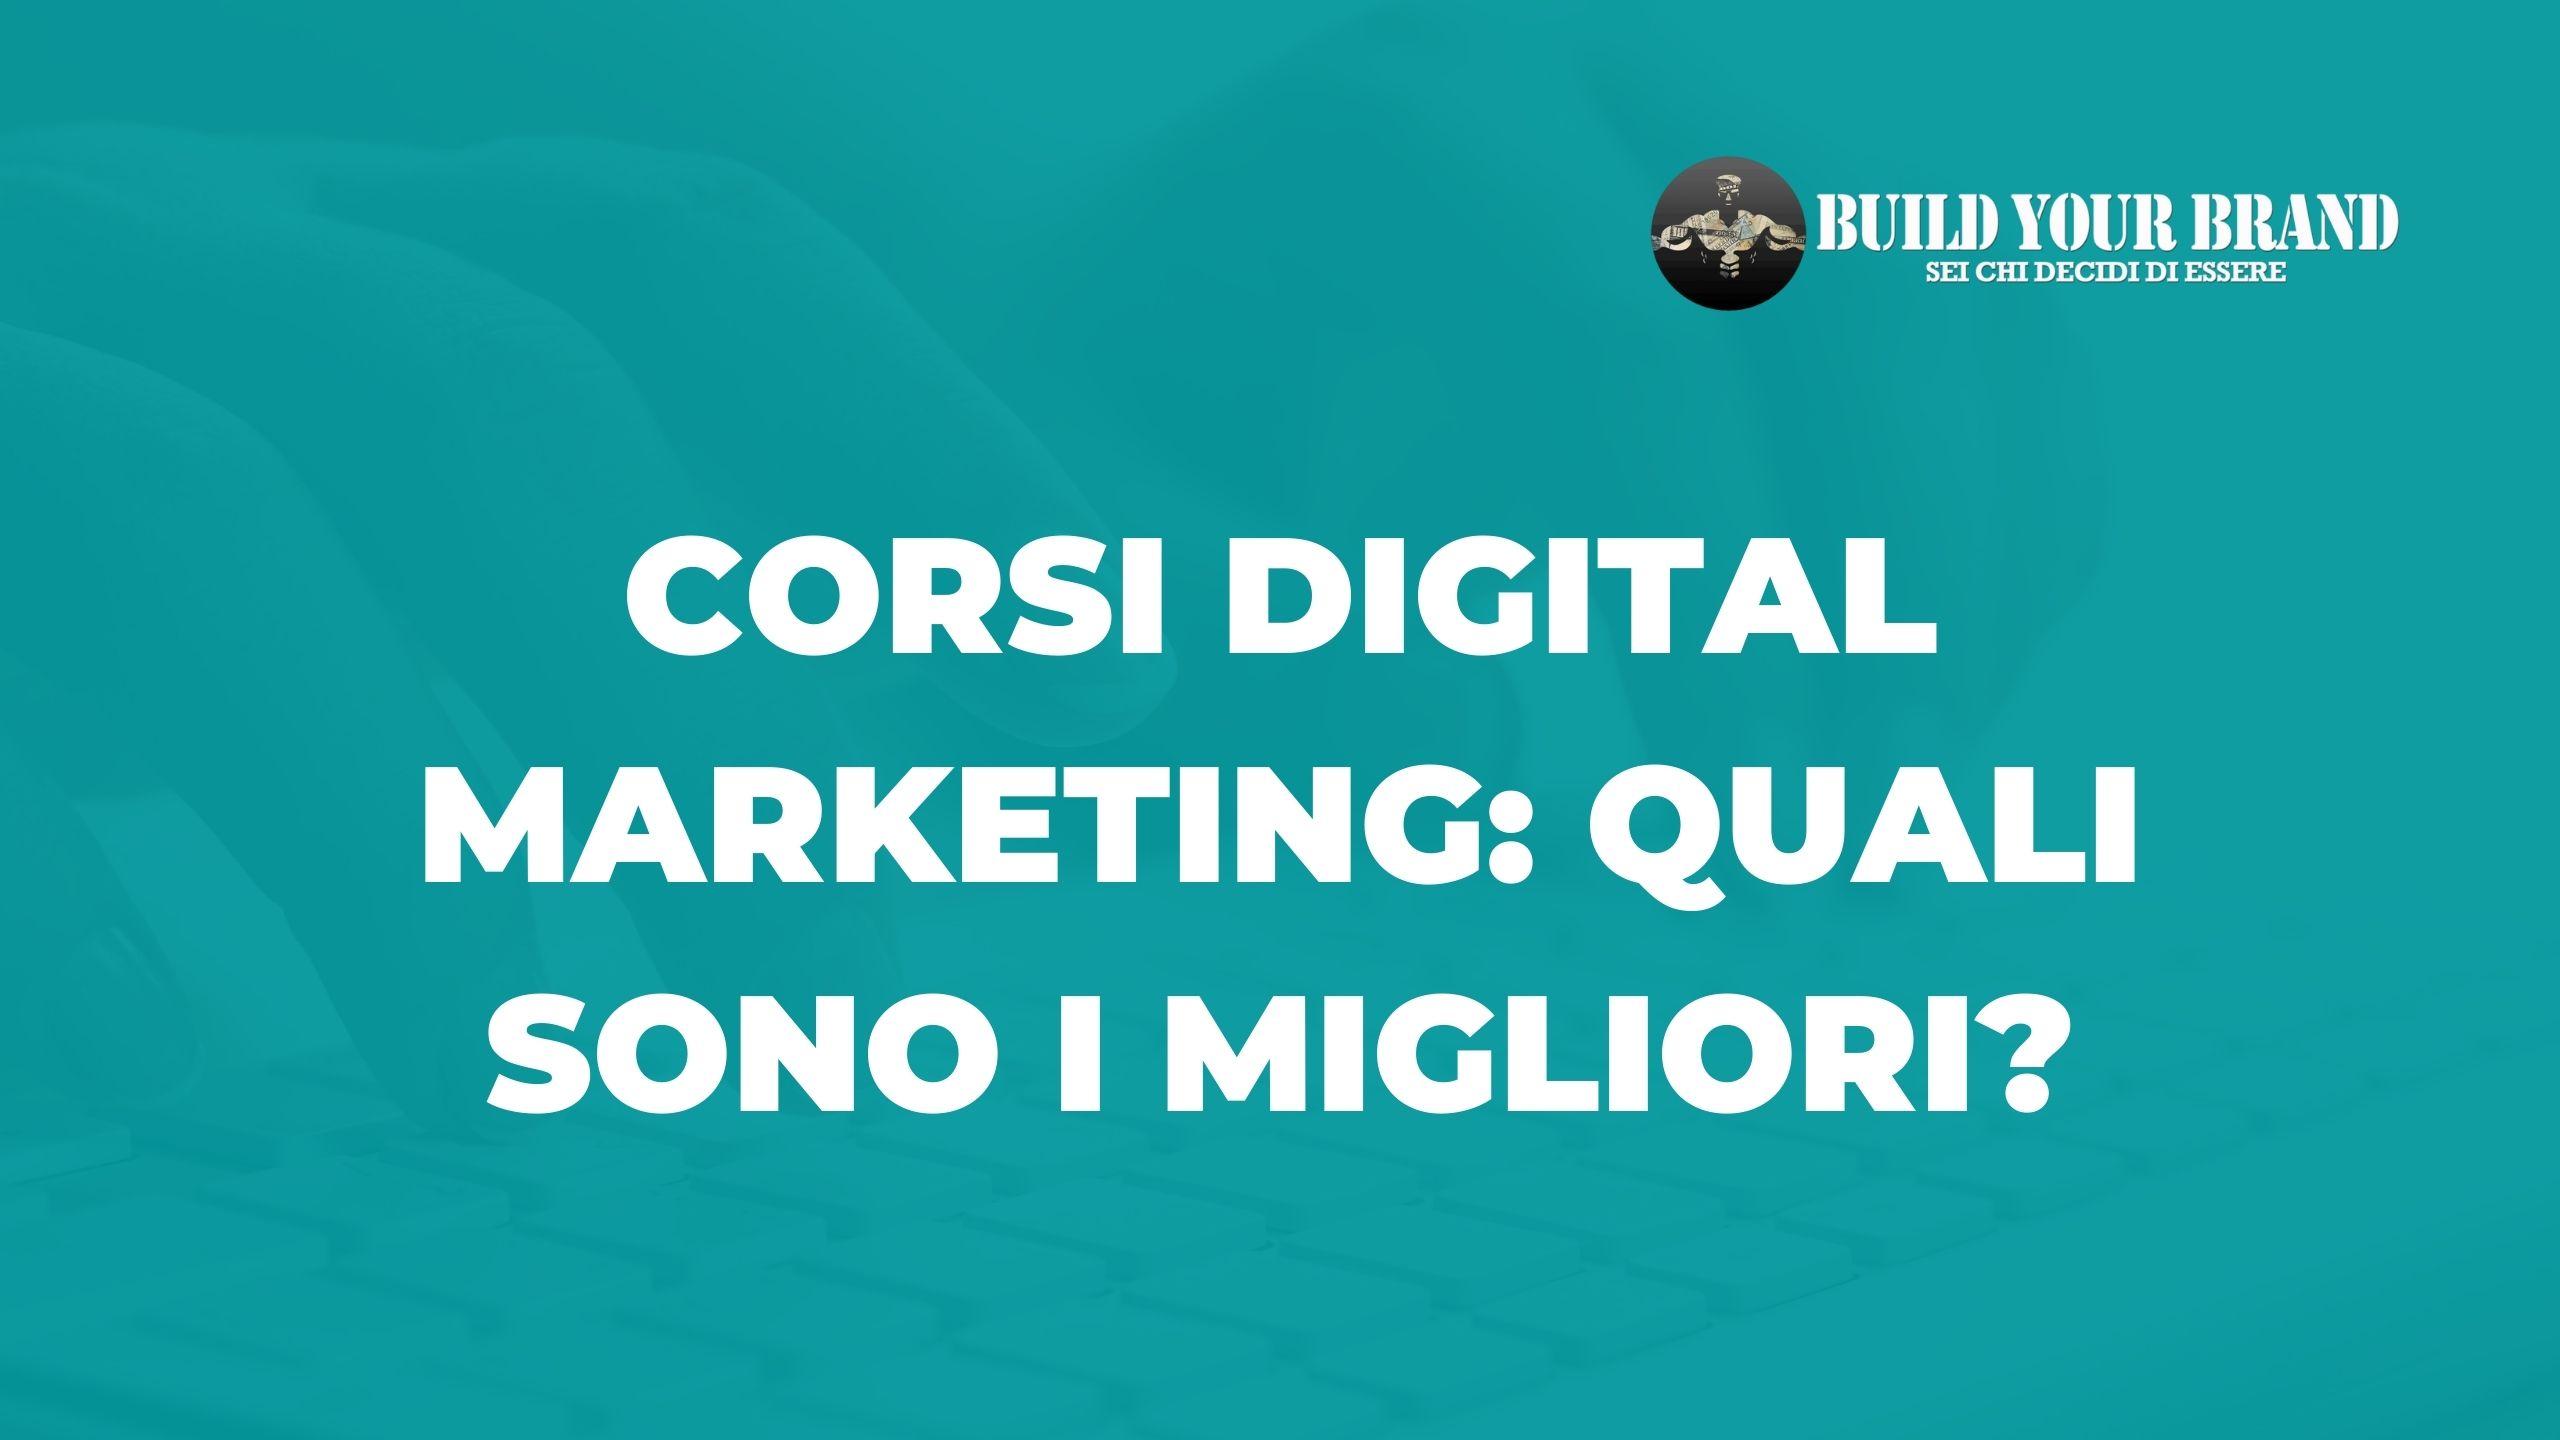 corsi-digital-marketing-quali-sono-i-migliori